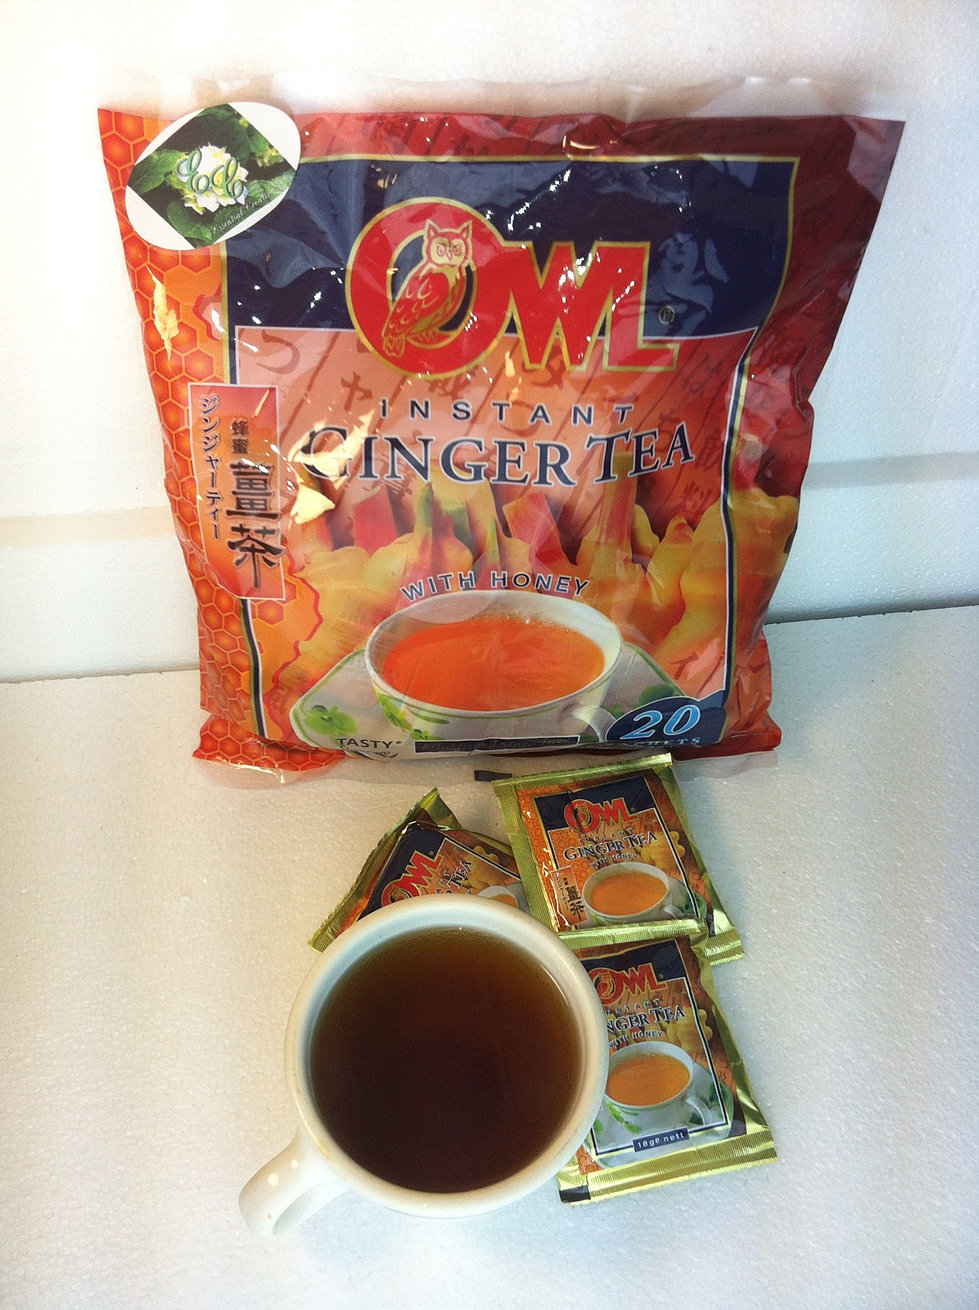 Owl Ginger Tea